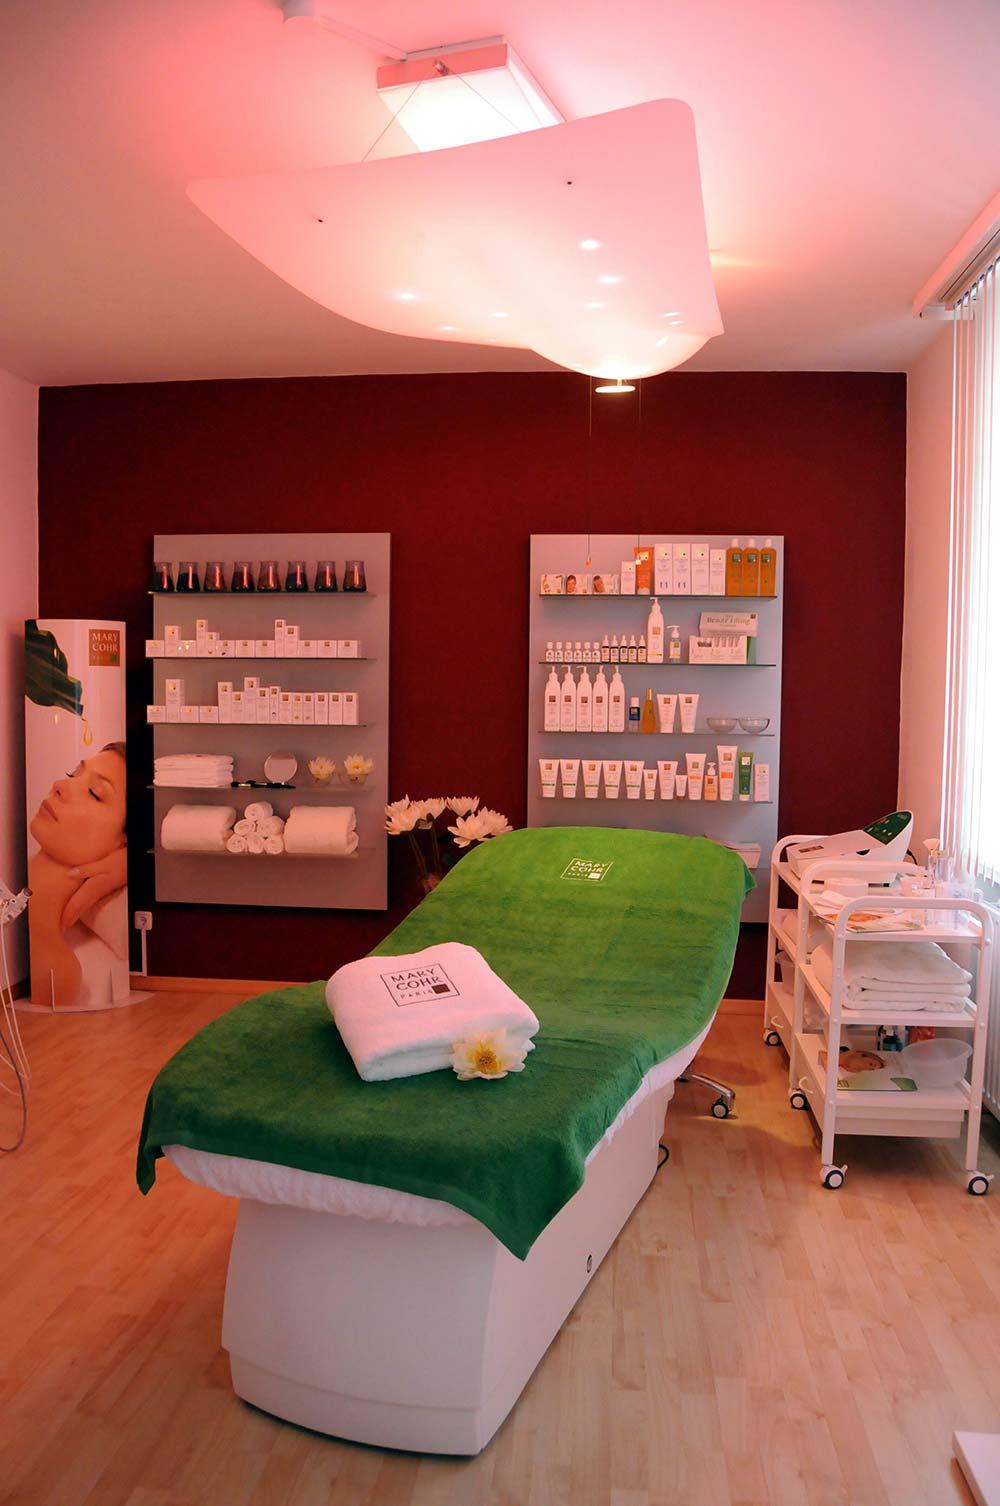 Kosmetikinstitut - Schloss-Apotheke Kassel